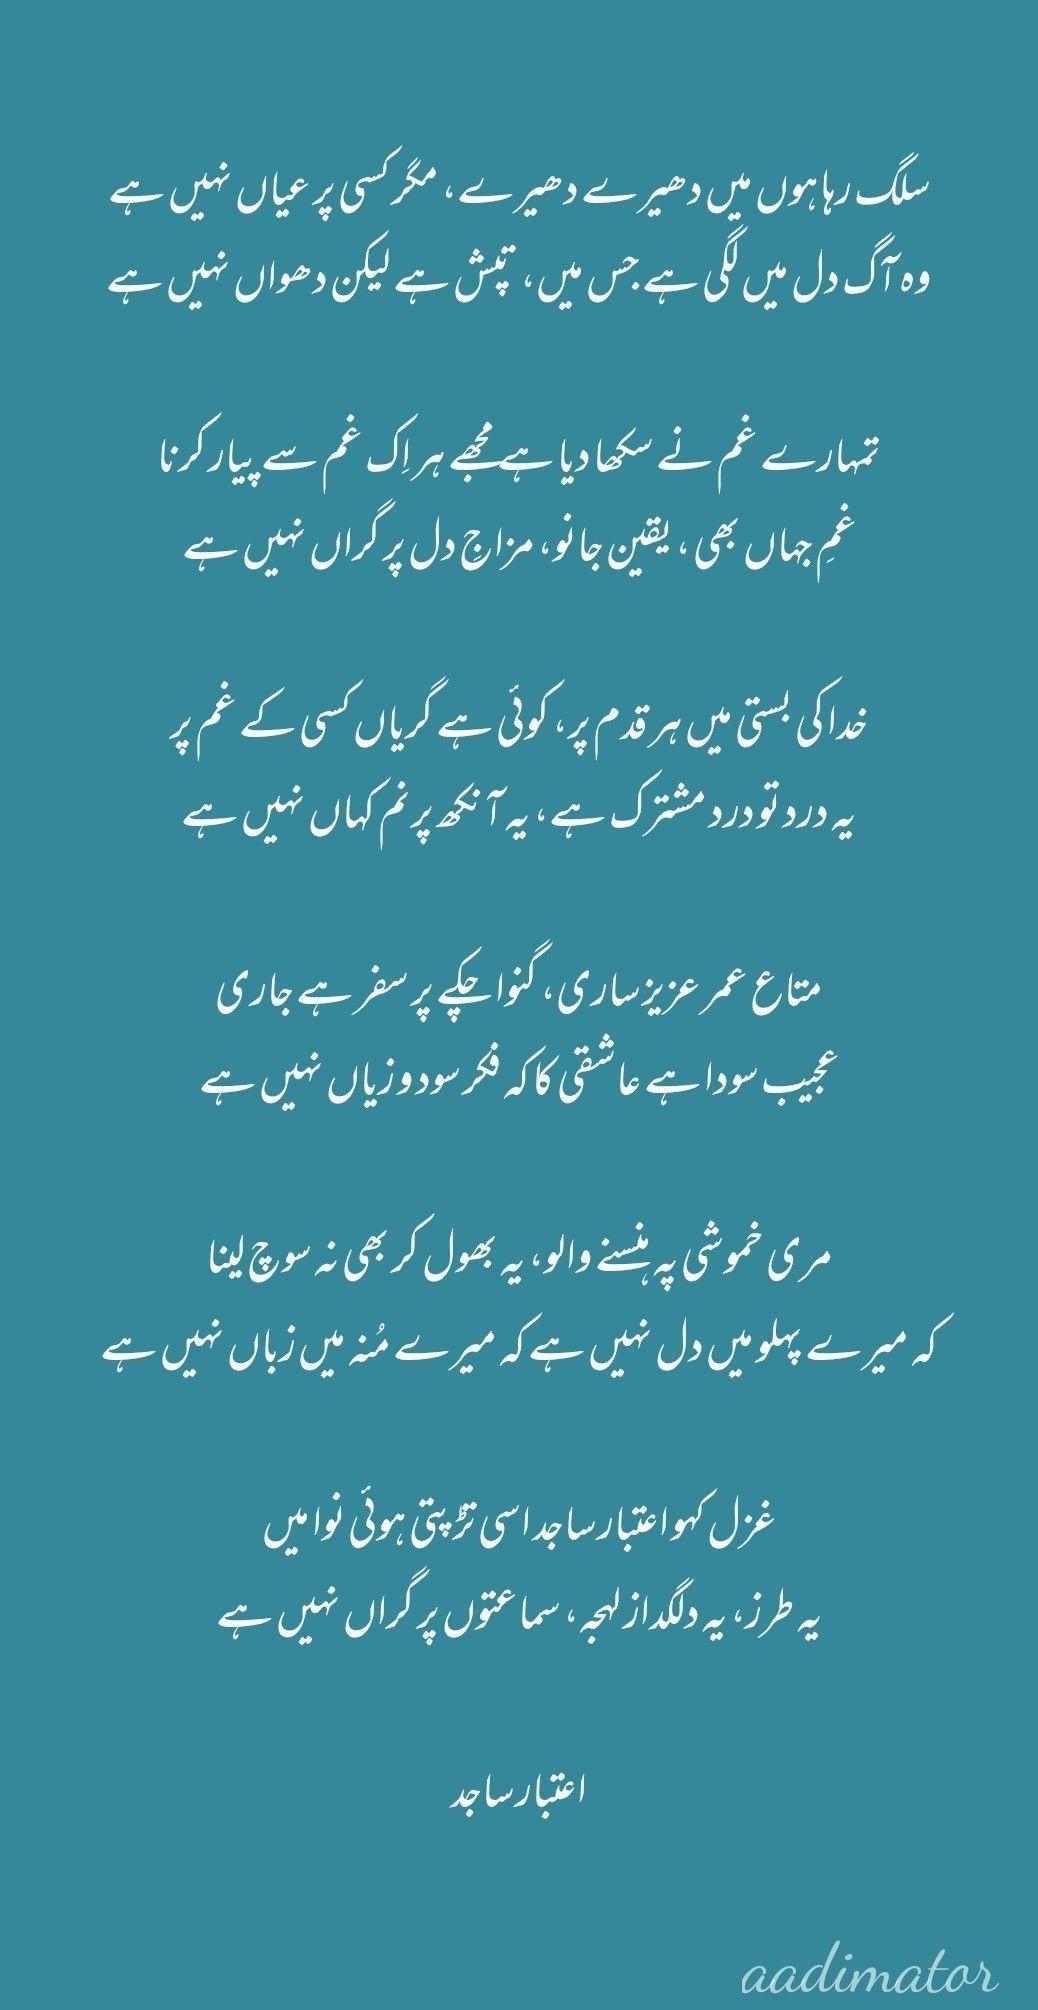 Pin by Harris ķ on GaŽaĹ غزل Love poetry urdu, Urdu